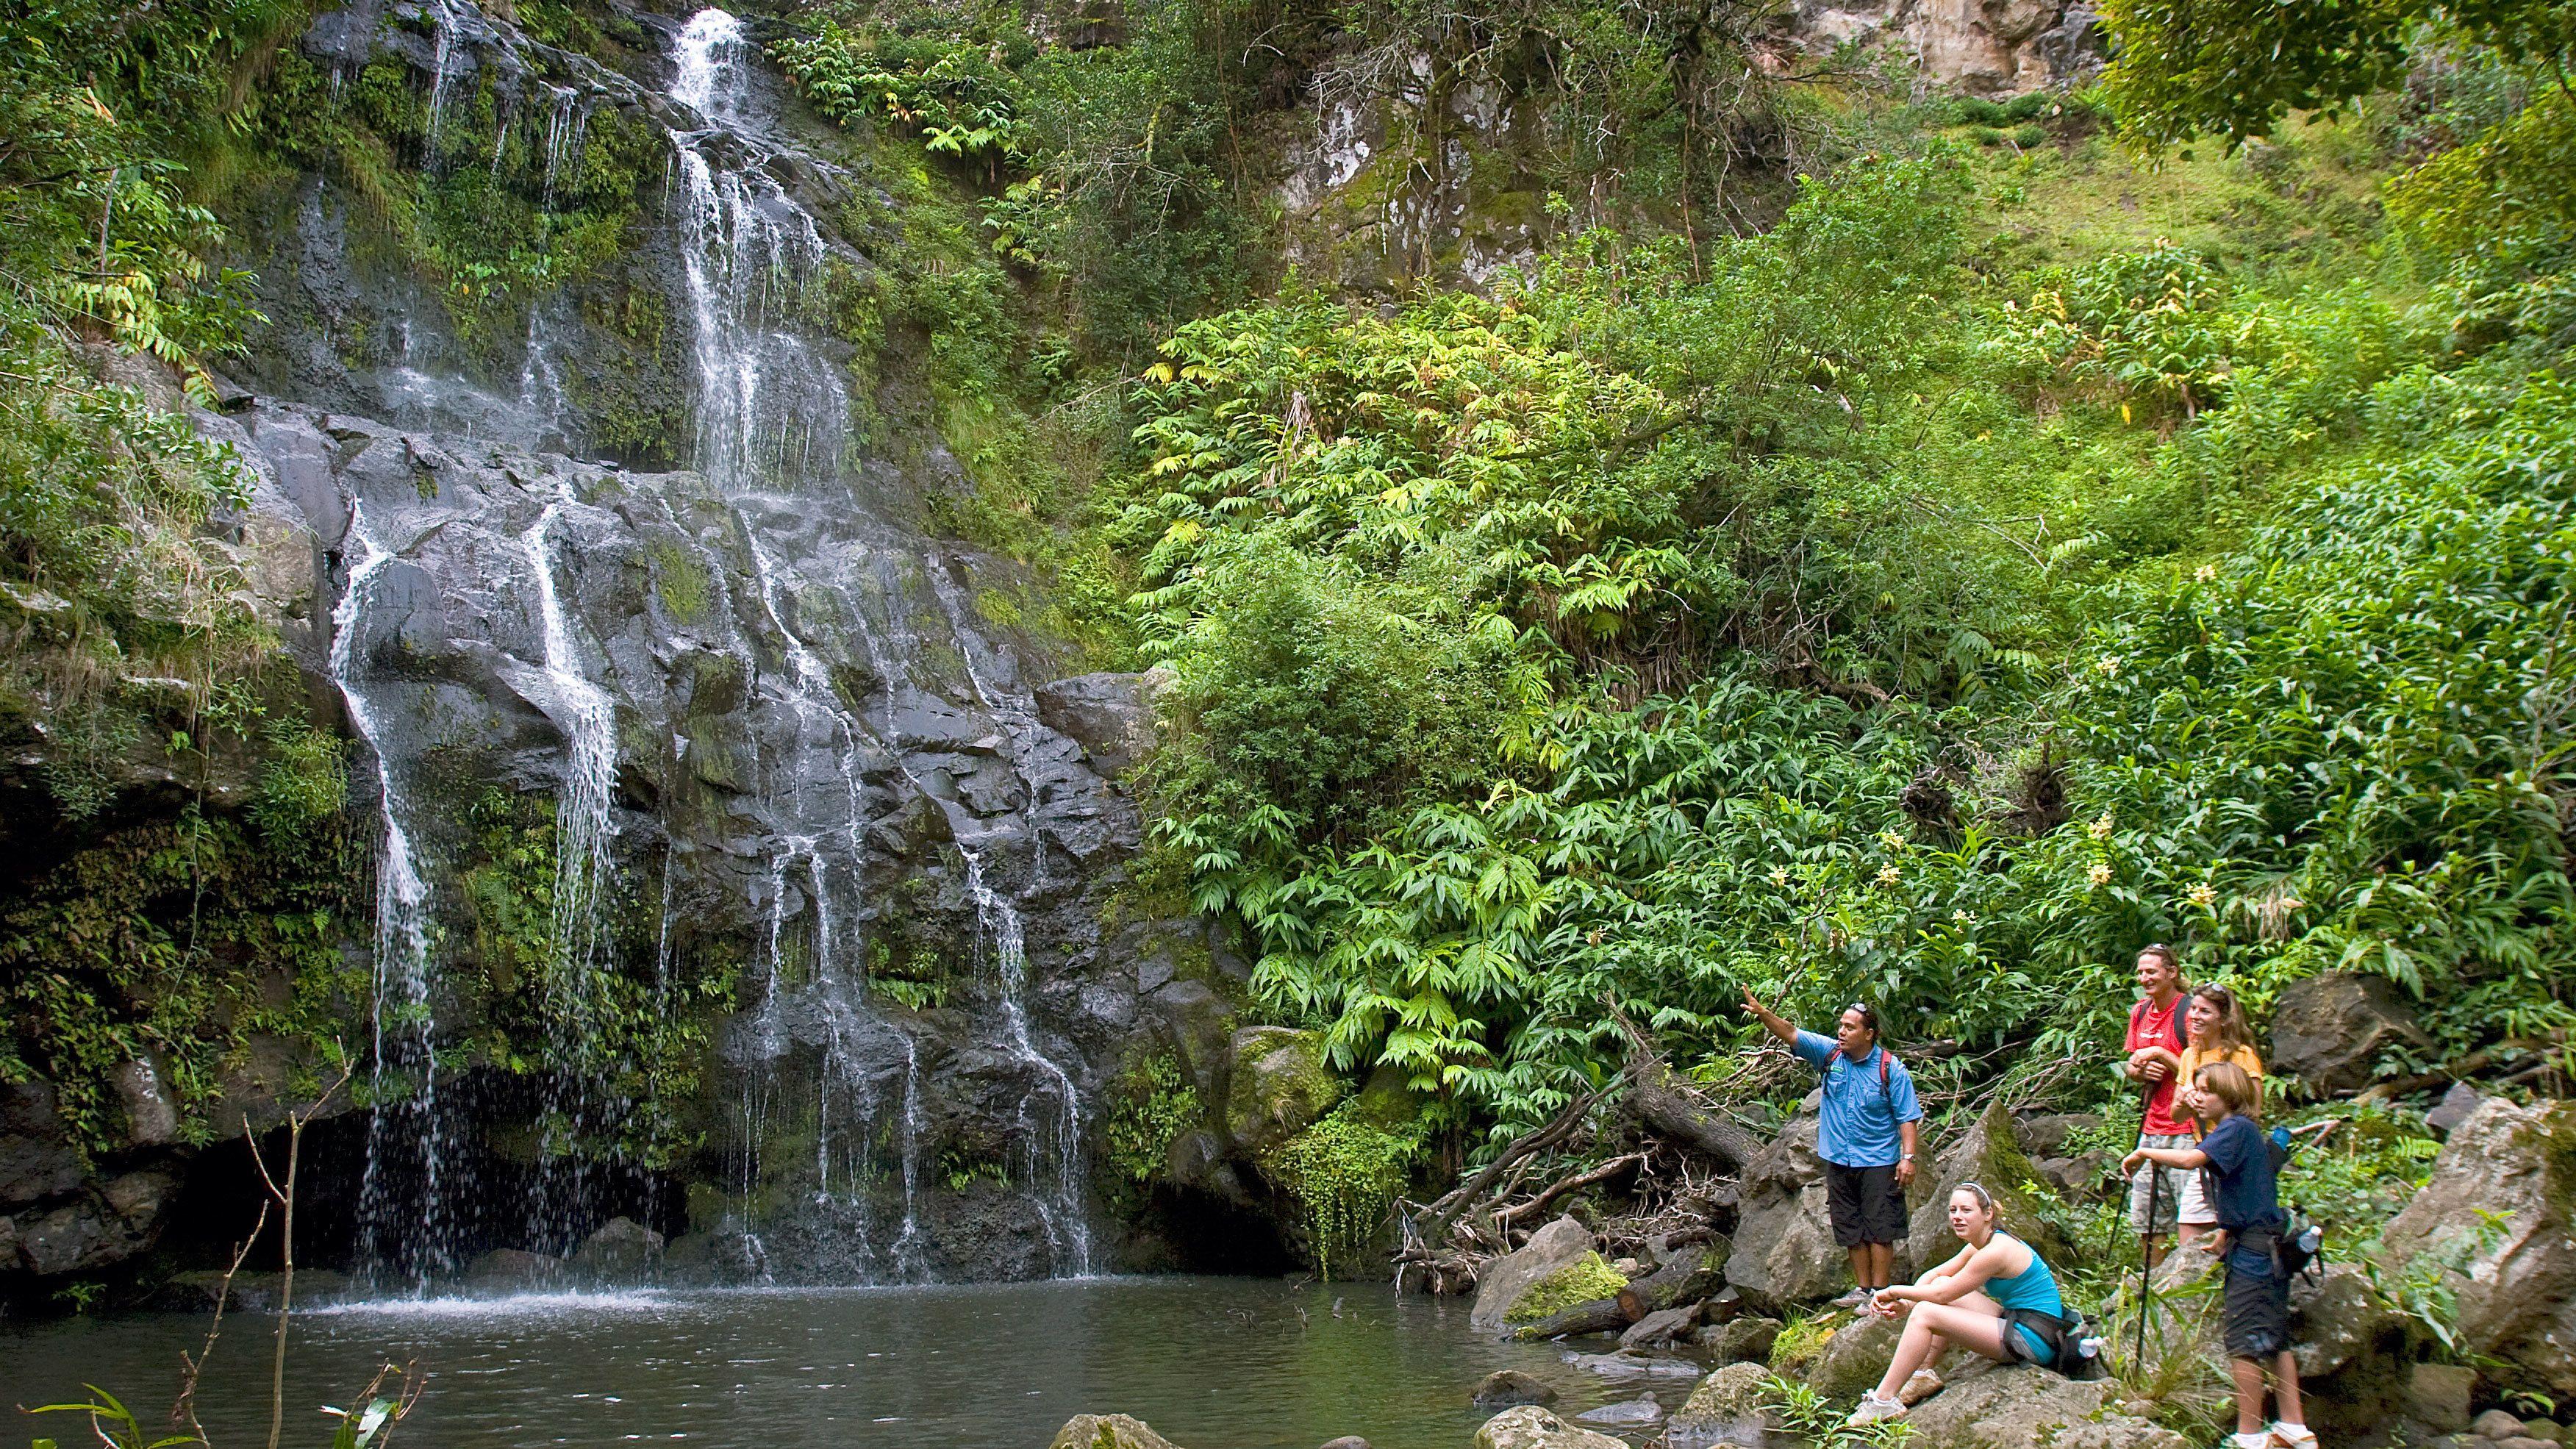 Group sitting near waterfall in Hawaii